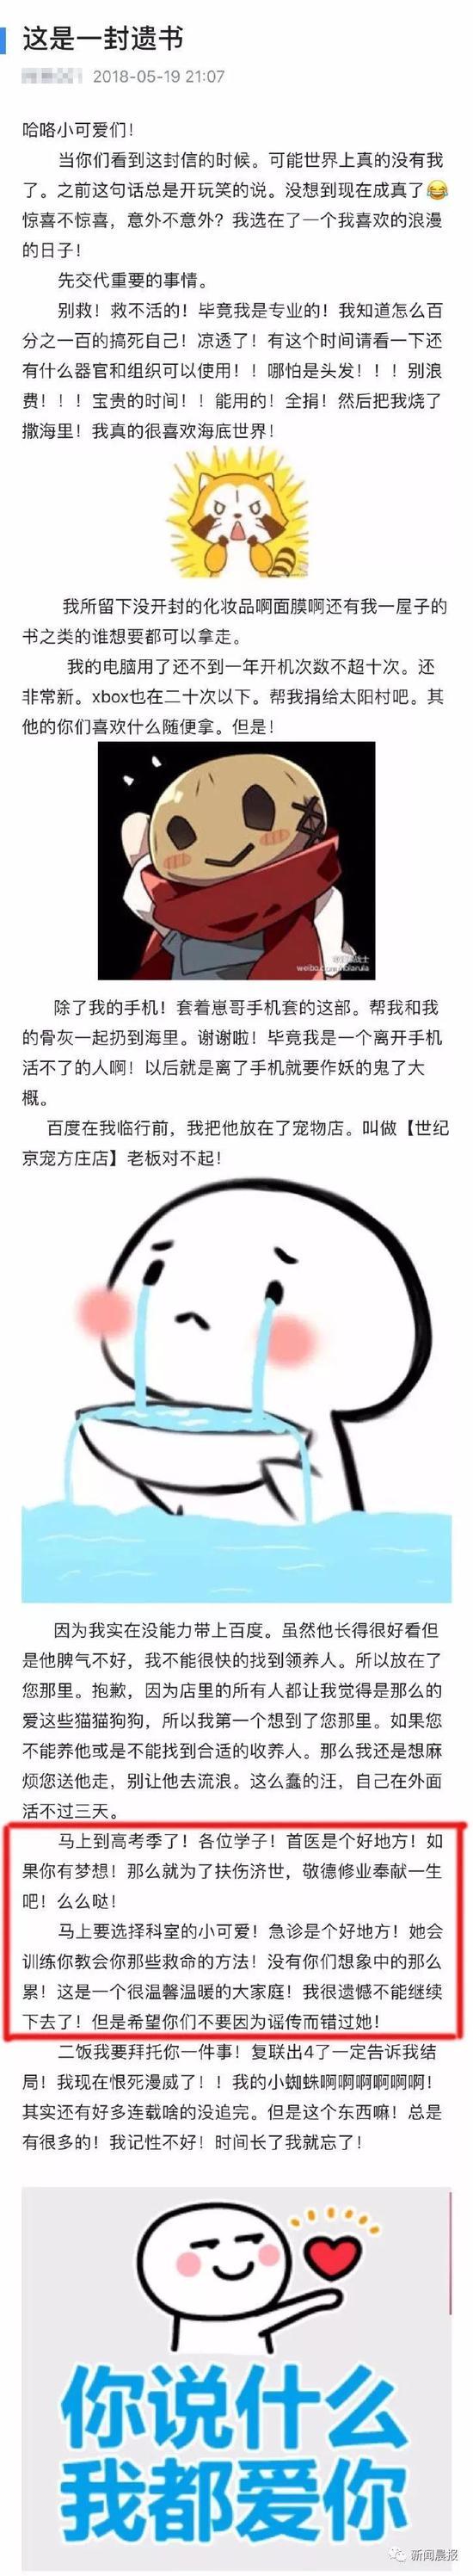 北京1家3口海南湖南两度自杀 曾在微博发遗书